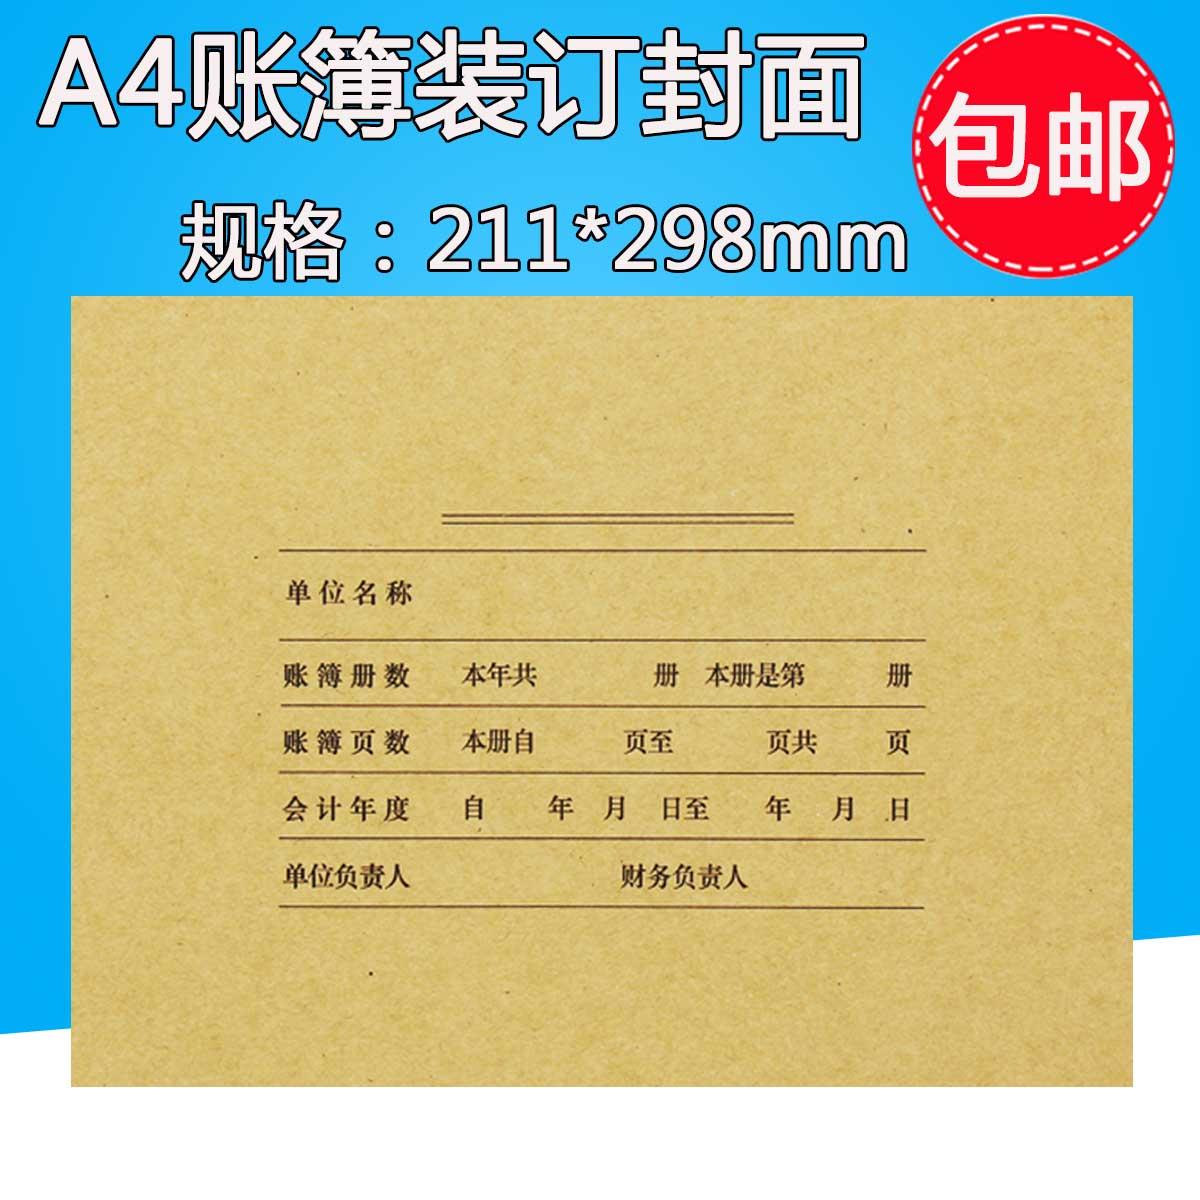 Проводка книга передняя крышка проводка книга передняя крышка A4 размер может считать счет страница счет кожа следующий хорошо проводка книга крафт использование друг общий